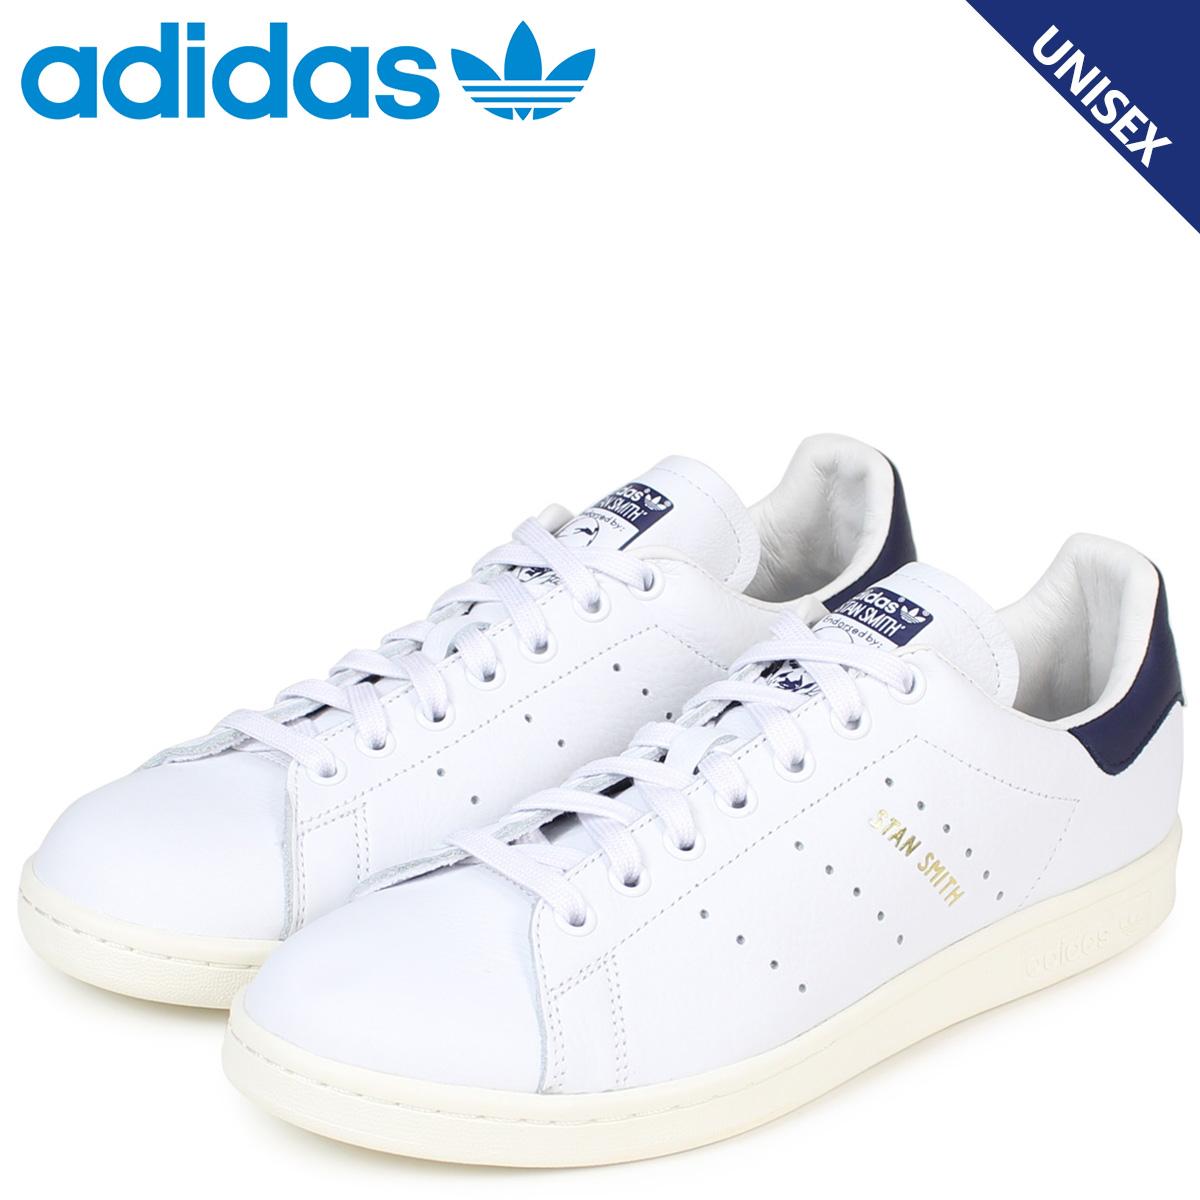 adidas Originals アディダス オリジナルス スタンスミス スニーカー メンズ レディース STAN SMITH ホワイト 白 CQ2870